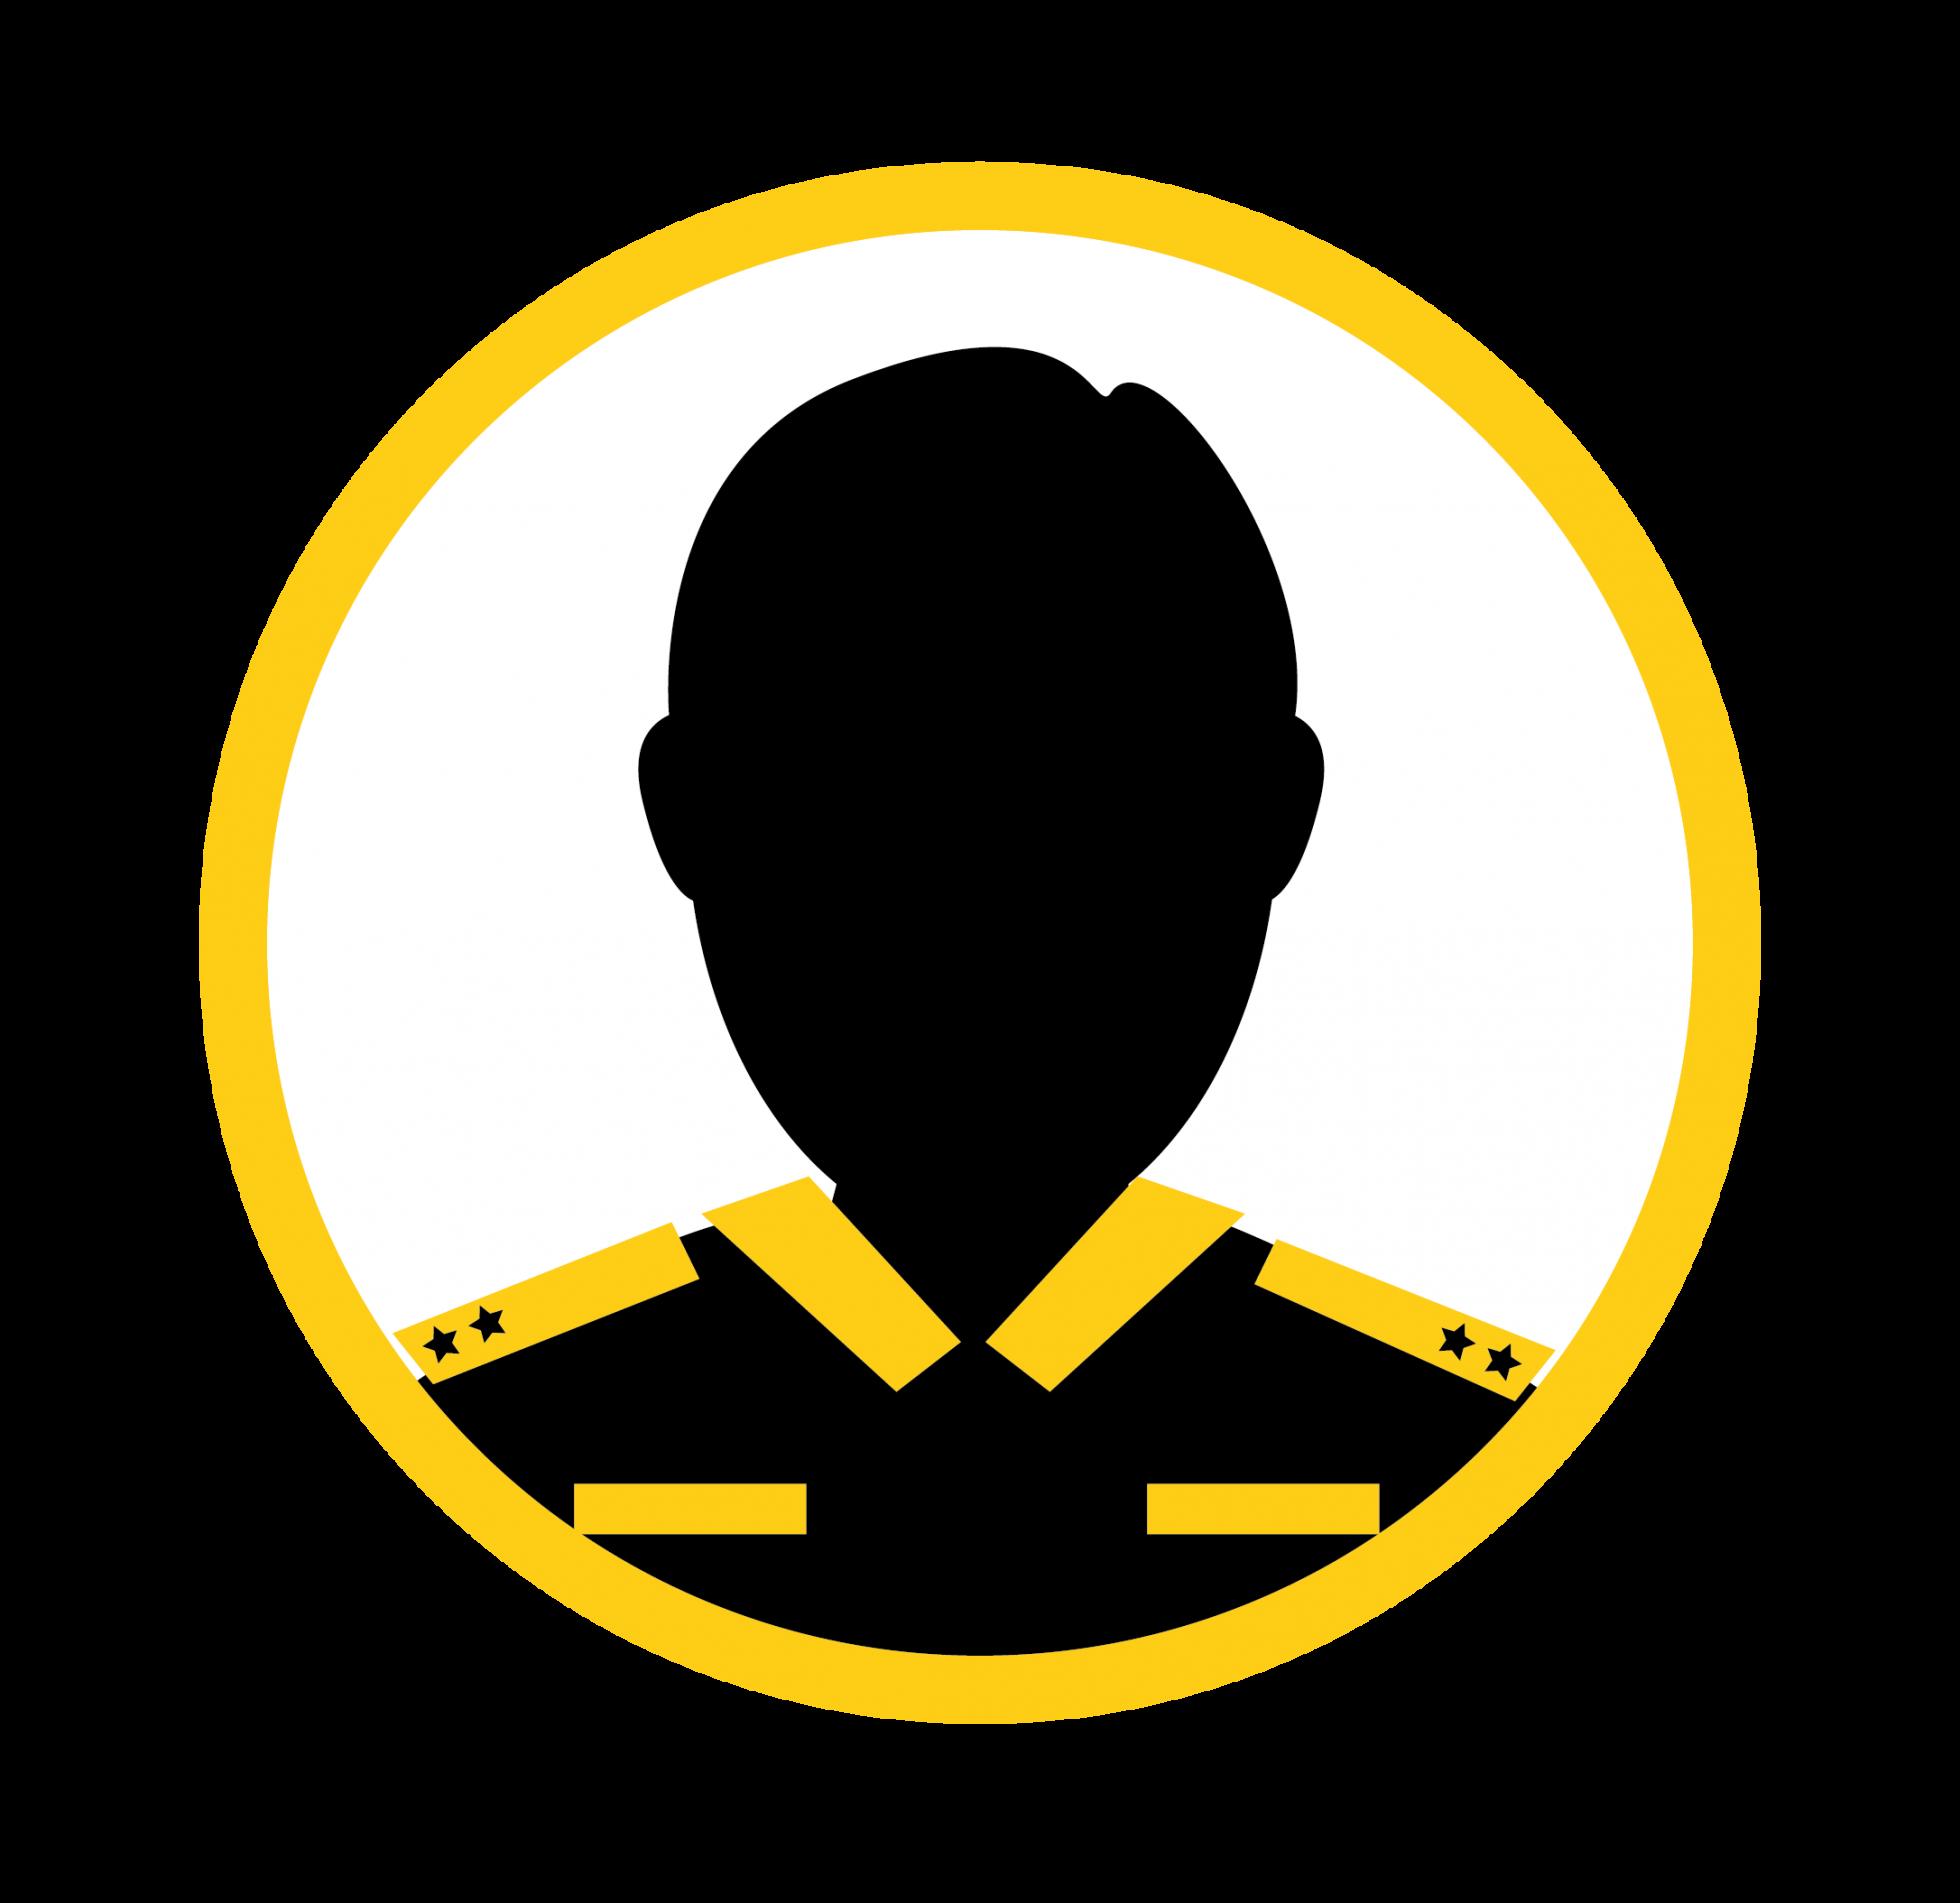 Gregg Edwin, americký voják z Bagdádu